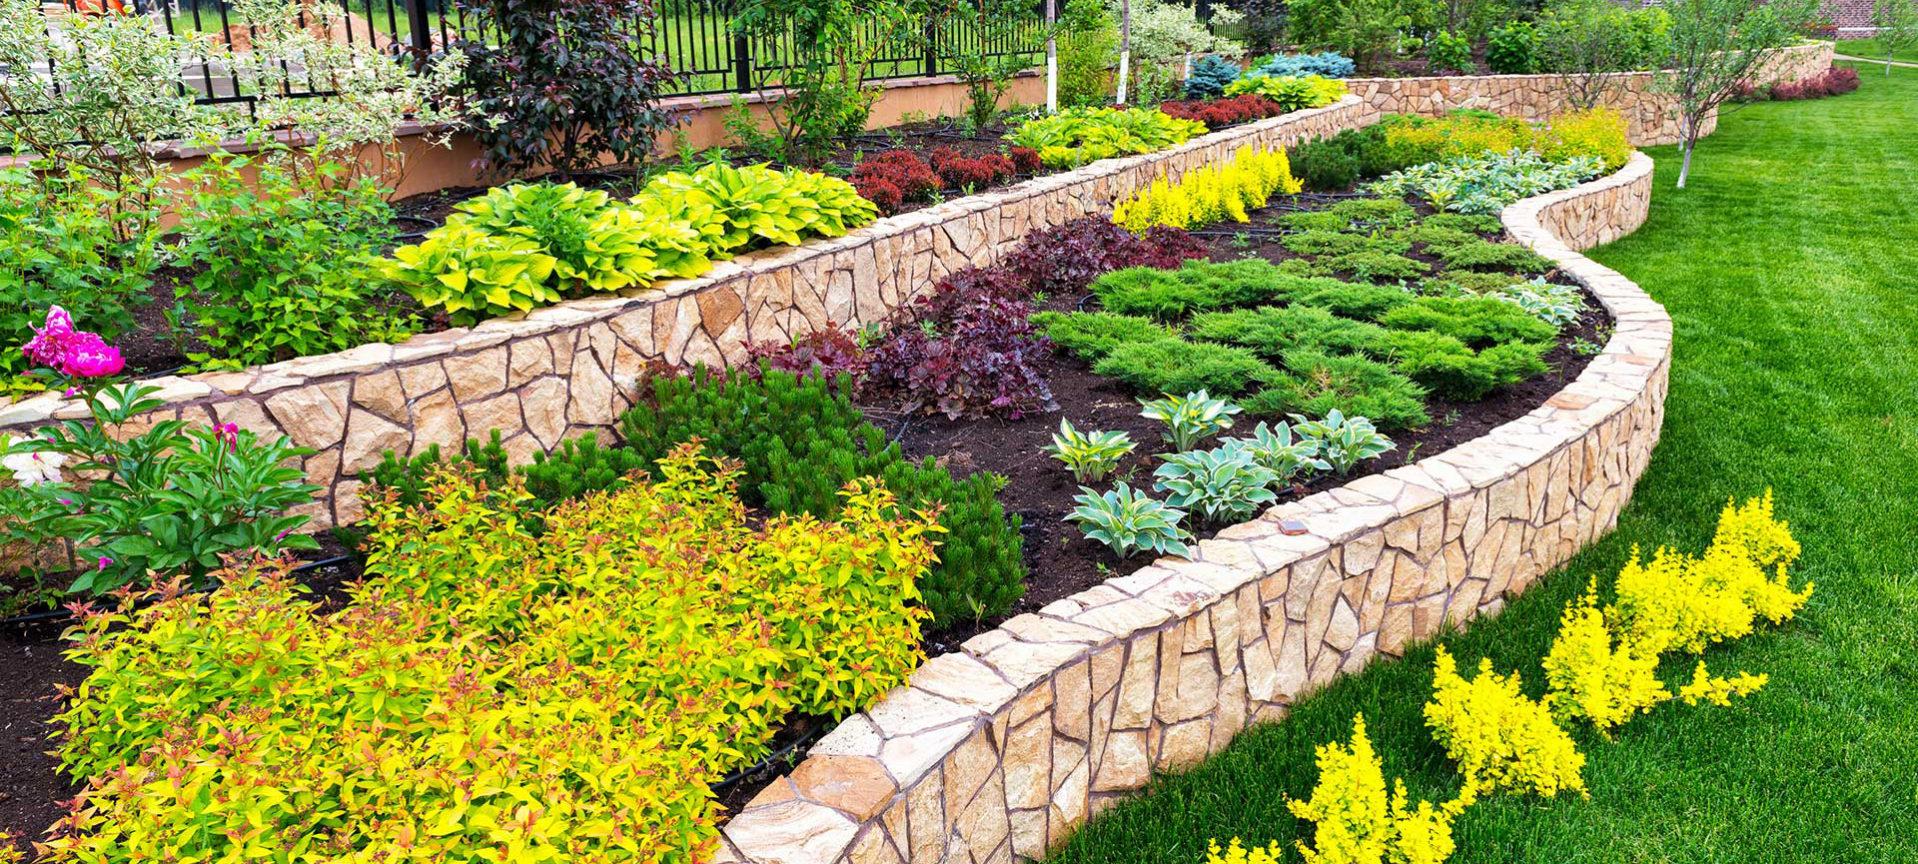 popular-landscaping-ideas